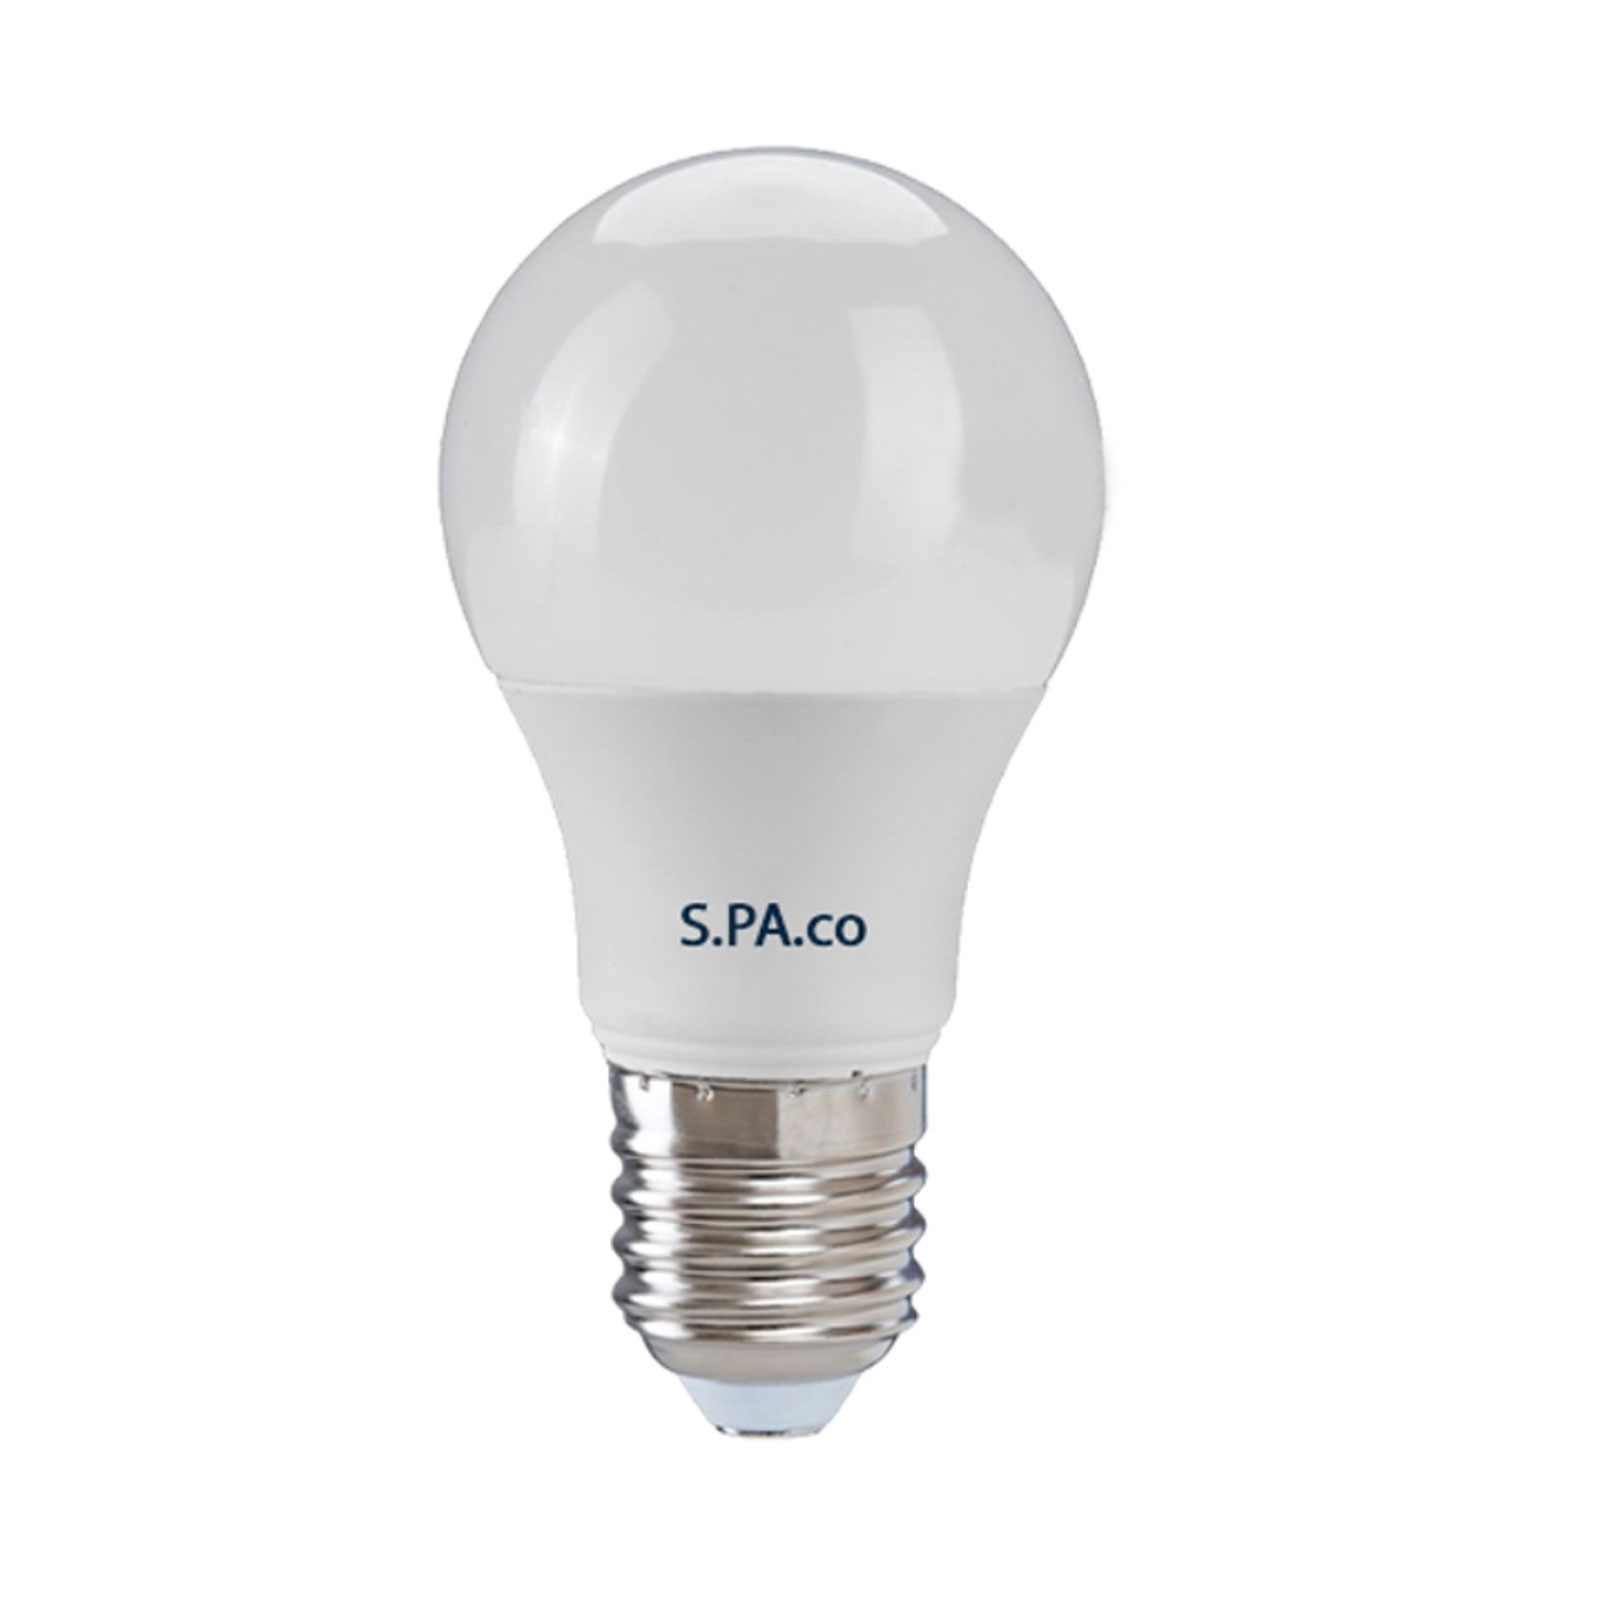 لامپ ال ای دی حبابی 12 وات اسپاکو